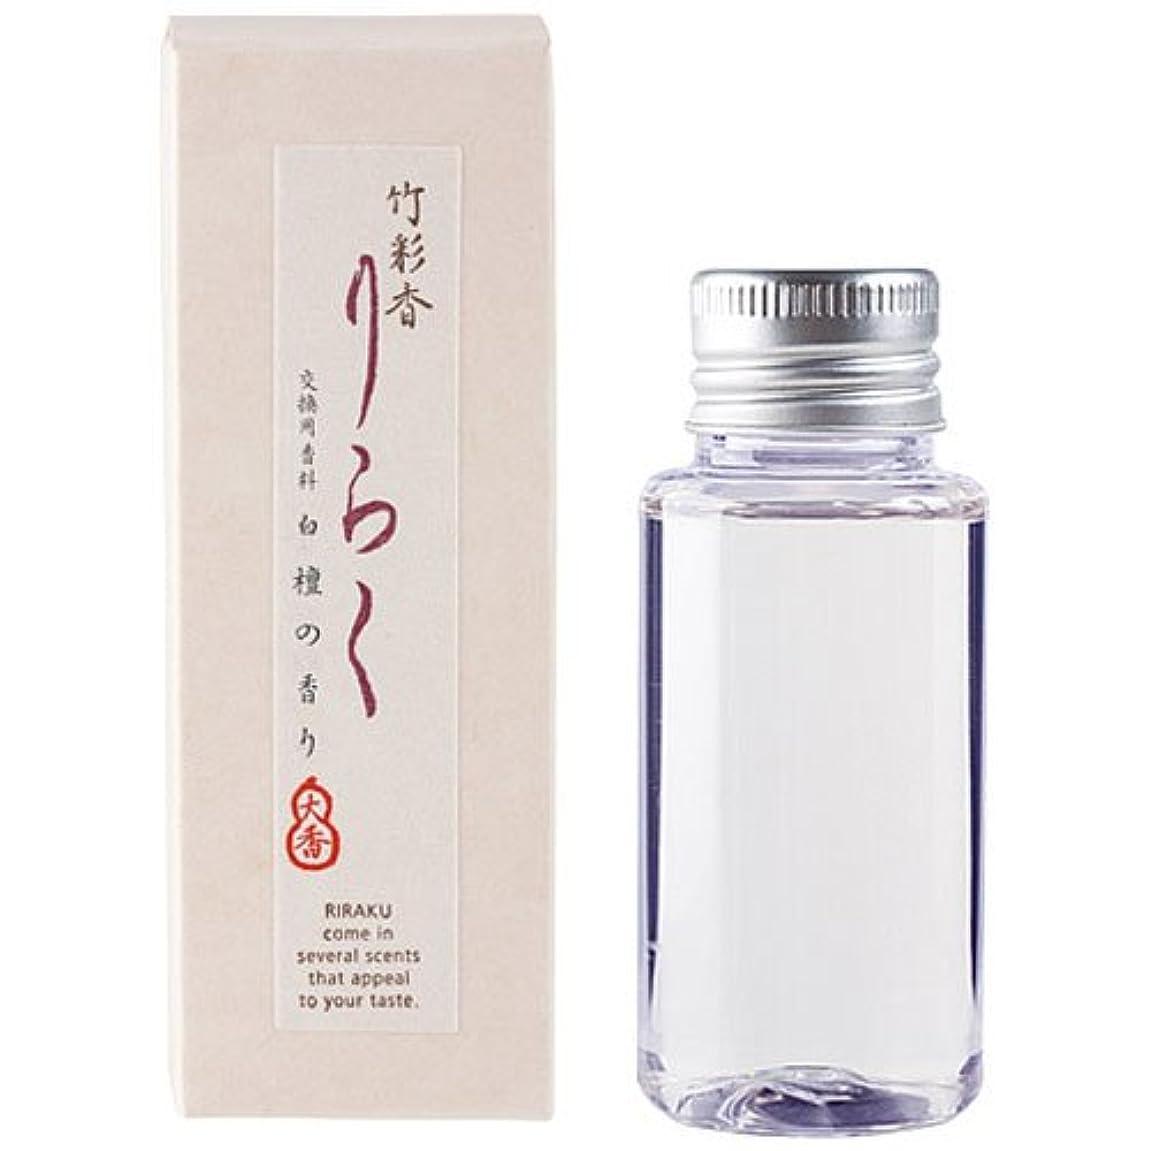 平凡カブラダ竹彩香りらく 交換用香料白檀 50ml